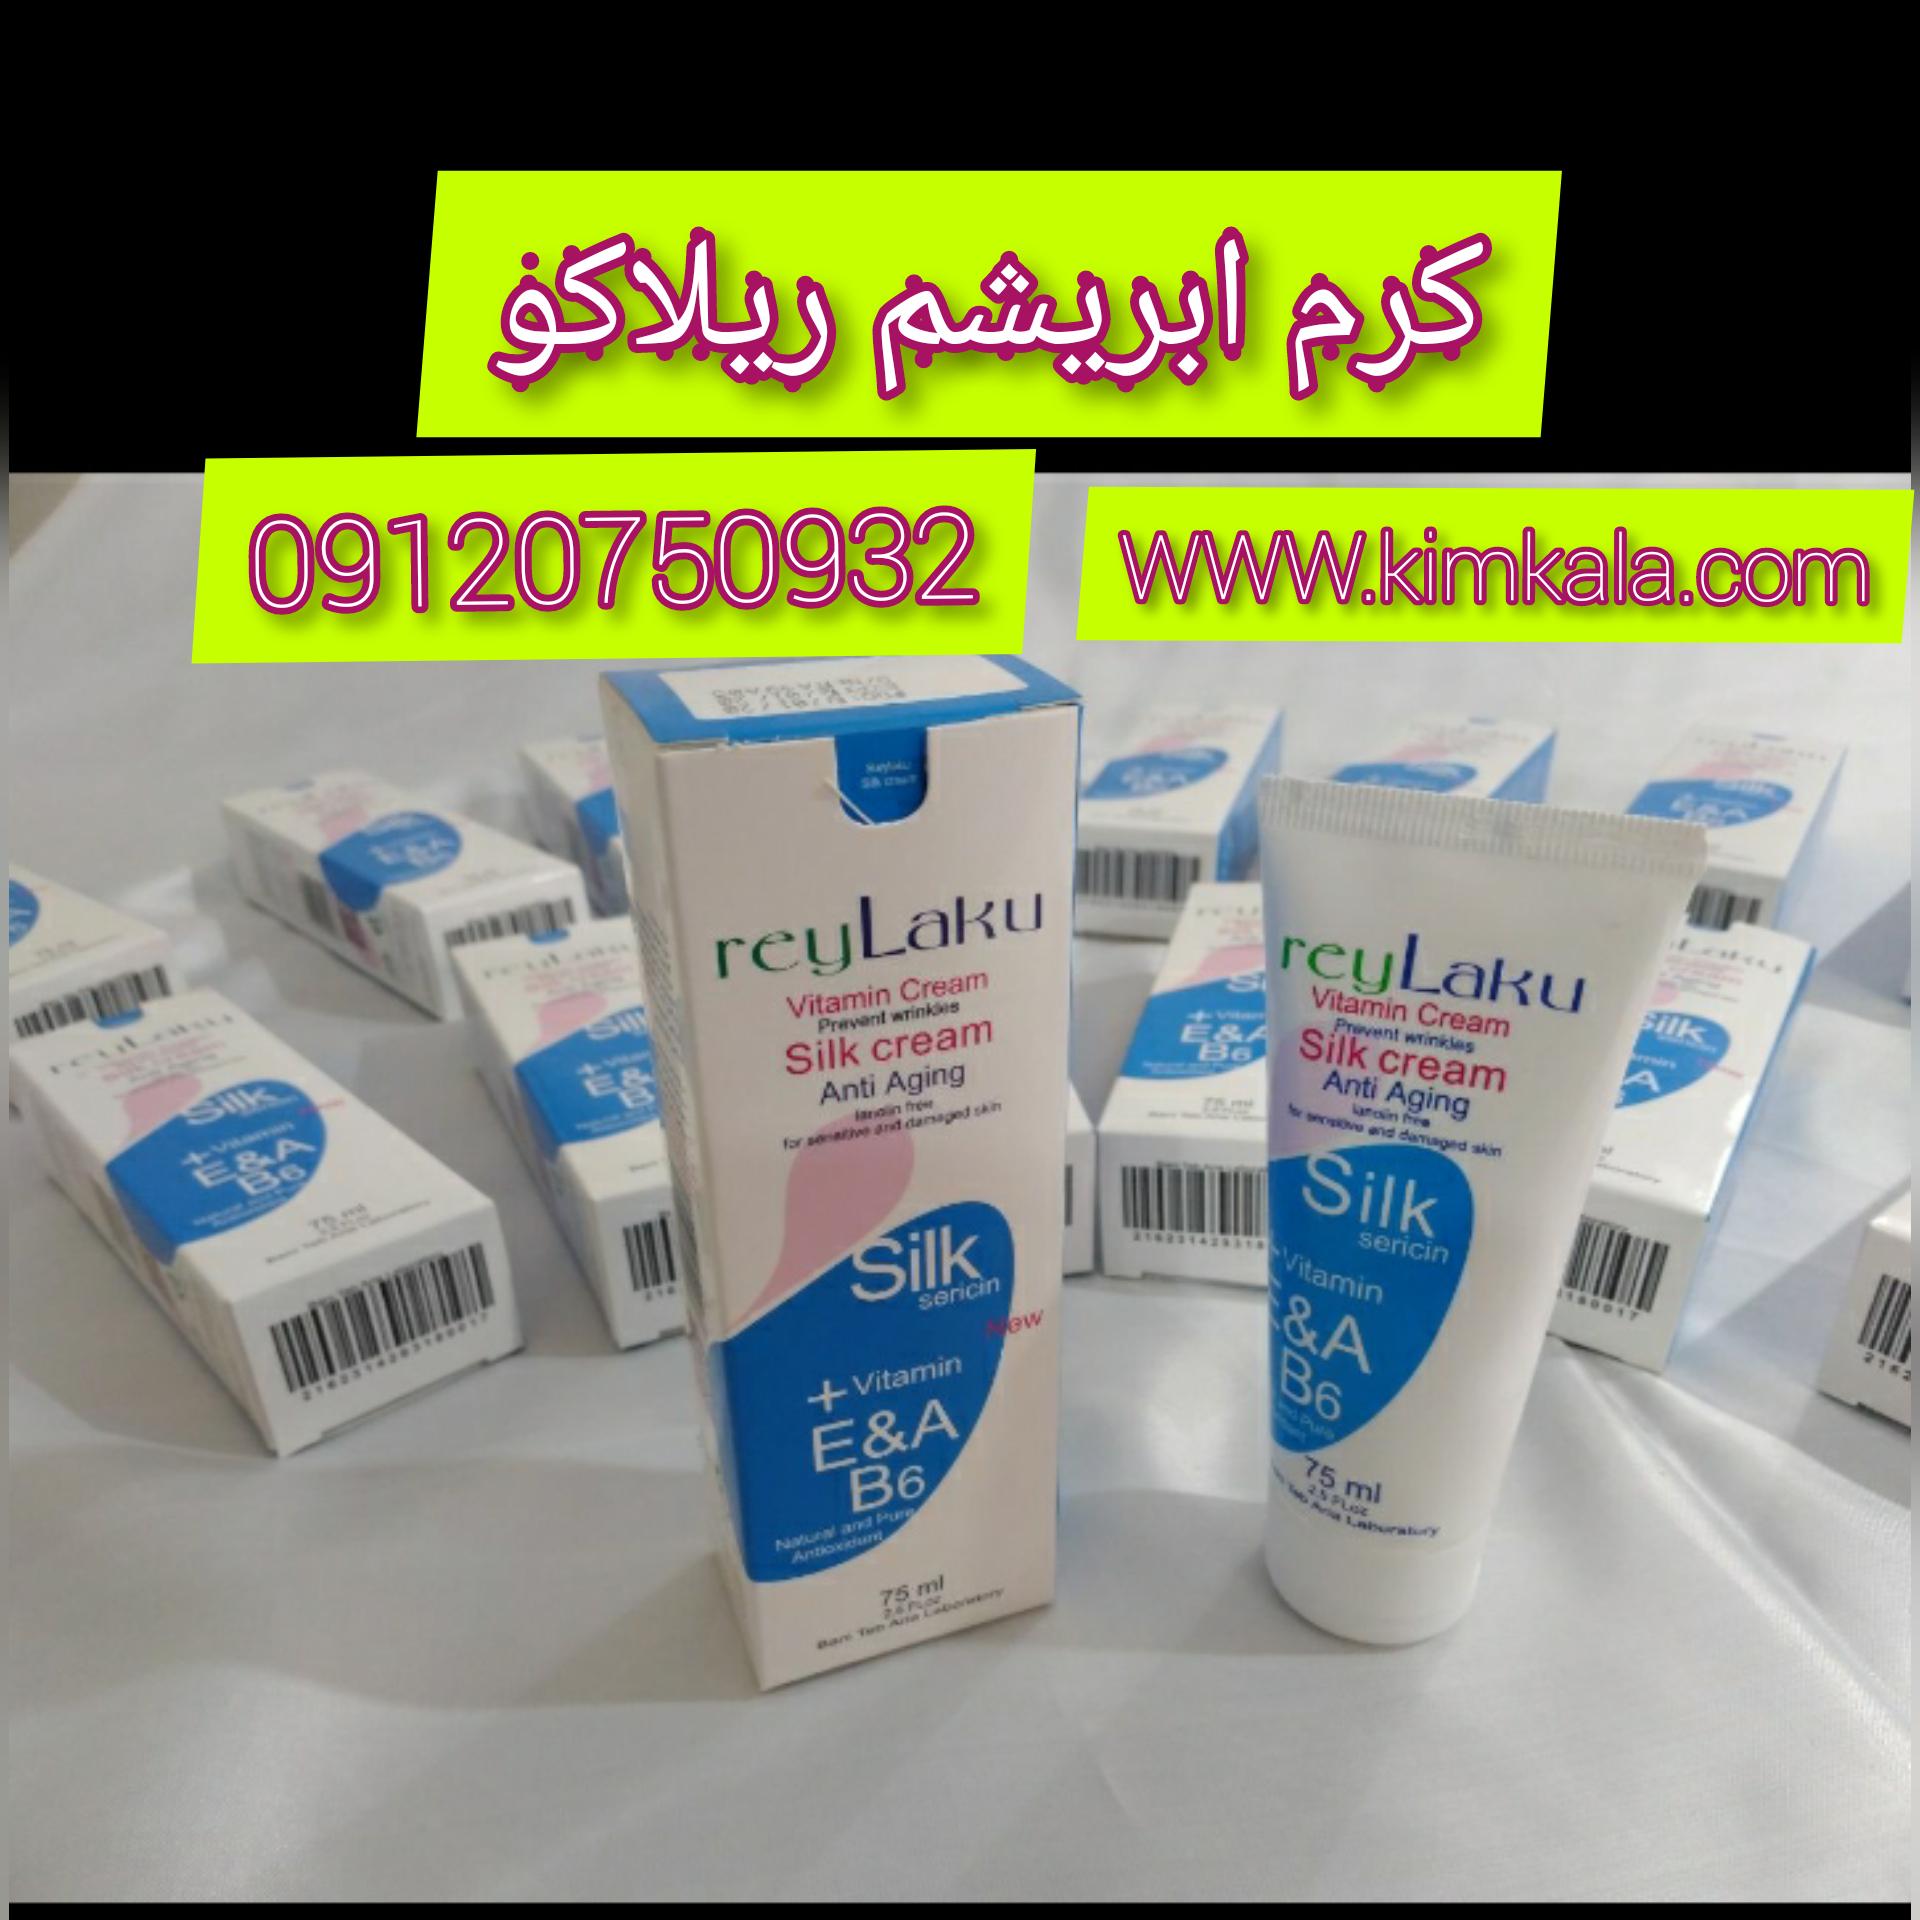 کرم ابریشم ریلاکو/09120750932/پرفروشترین کرم ویتامینه